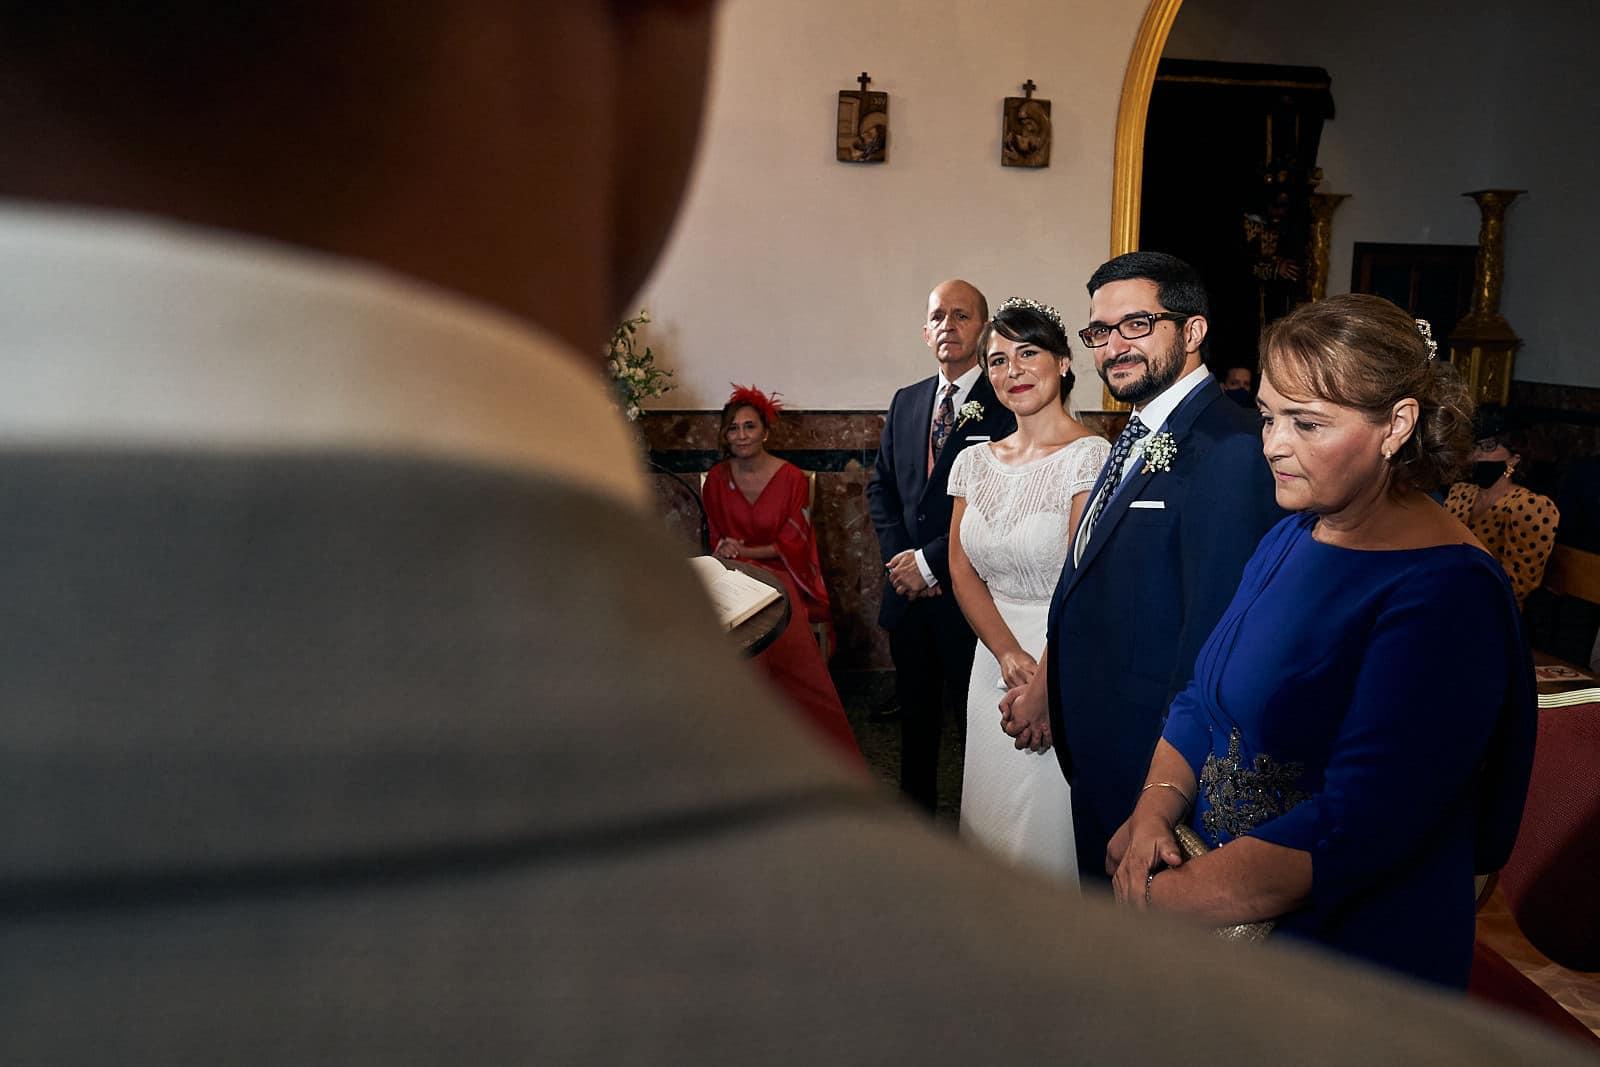 boda en pandemia 0026